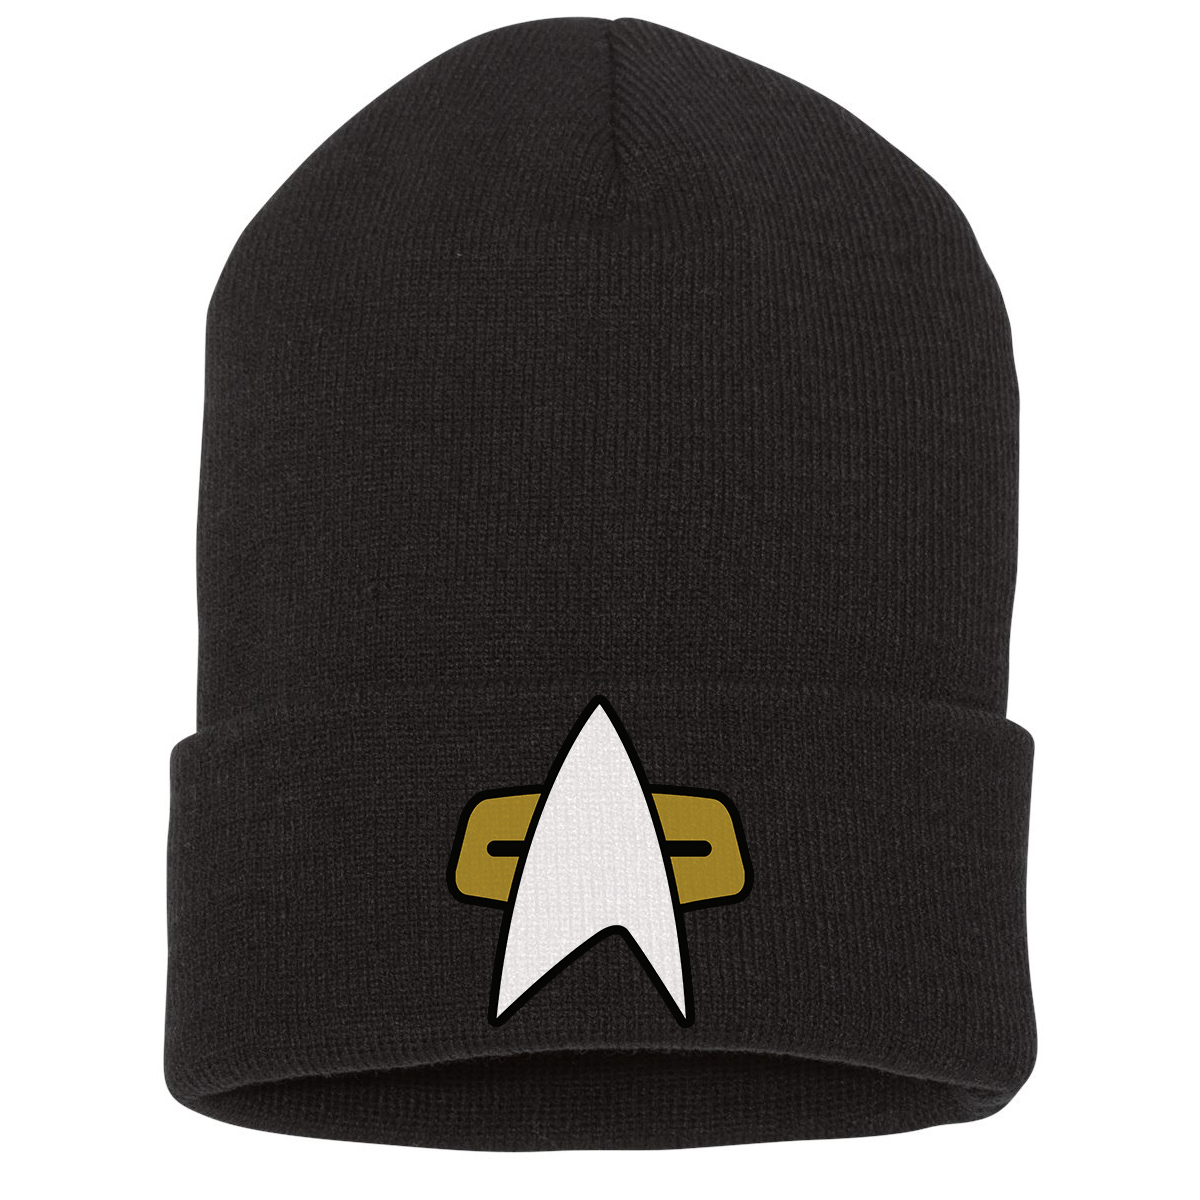 Star Trek Voyager Delta Beanie